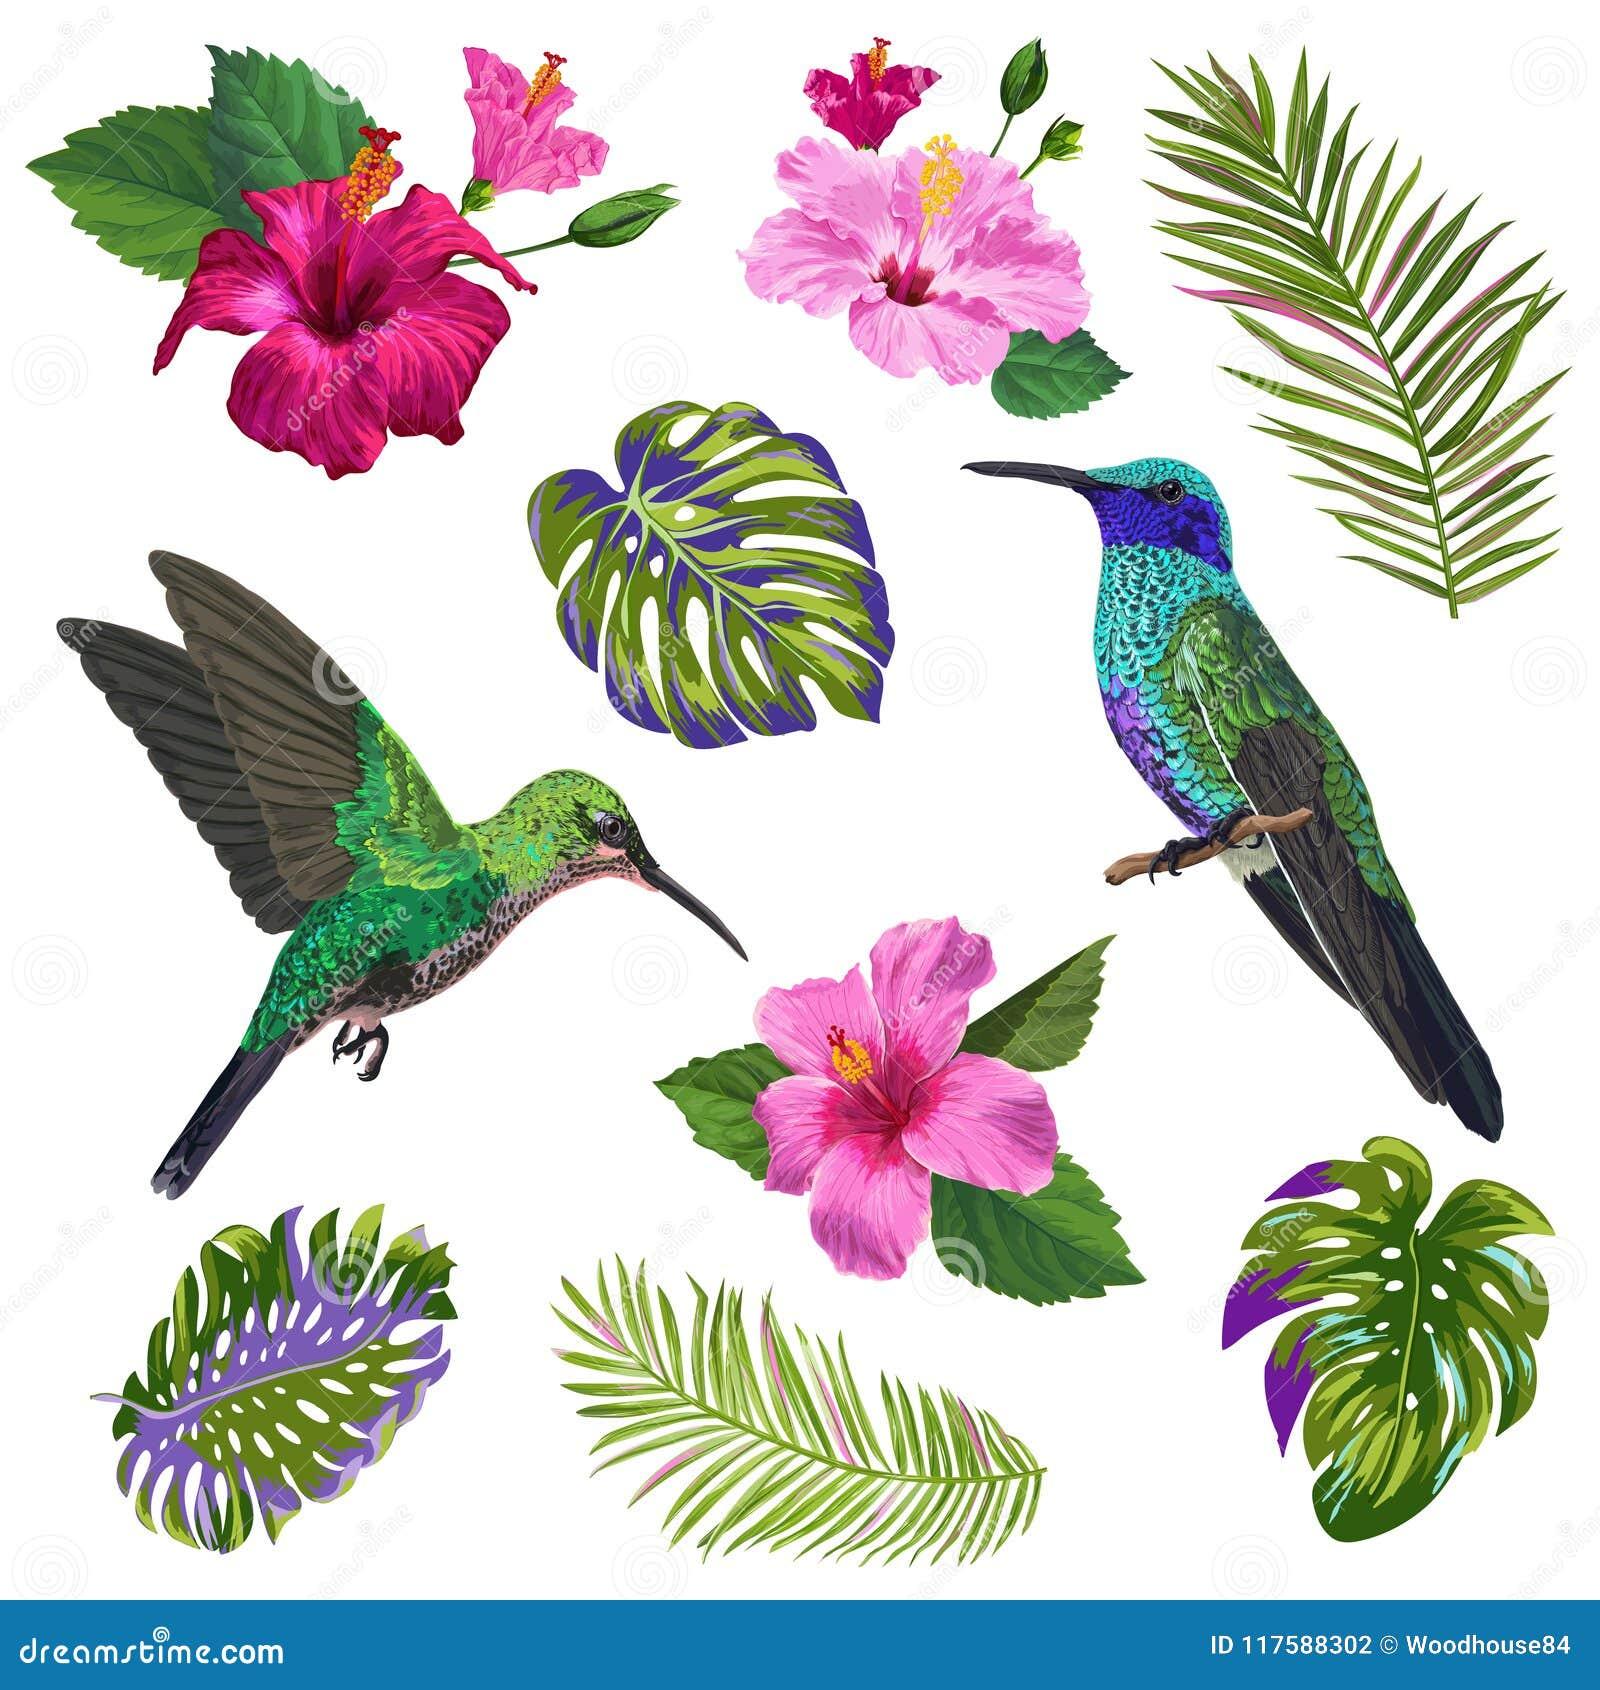  del colibrí, de HibisÑ de la acuarela nosotros flores y hojas de palma tropicales Pájaros exóticos dibujados mano de Colibri y